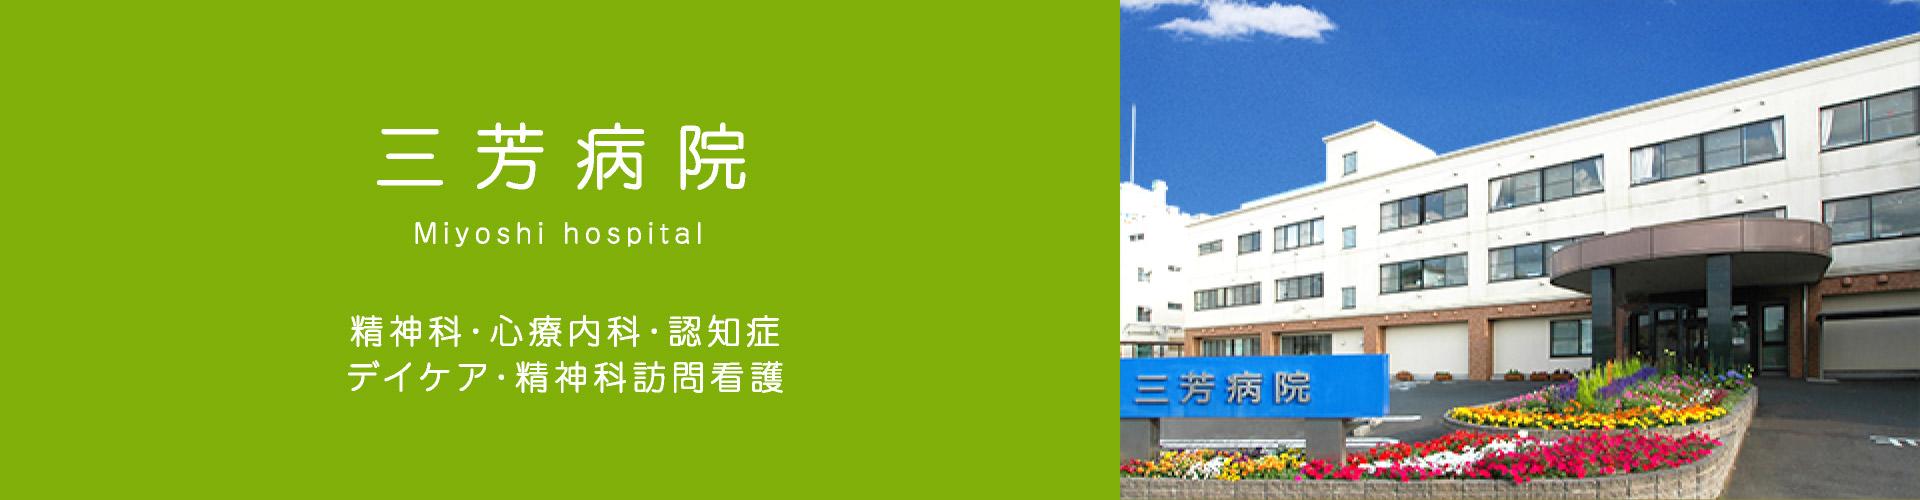 ココロの健康-三芳病院